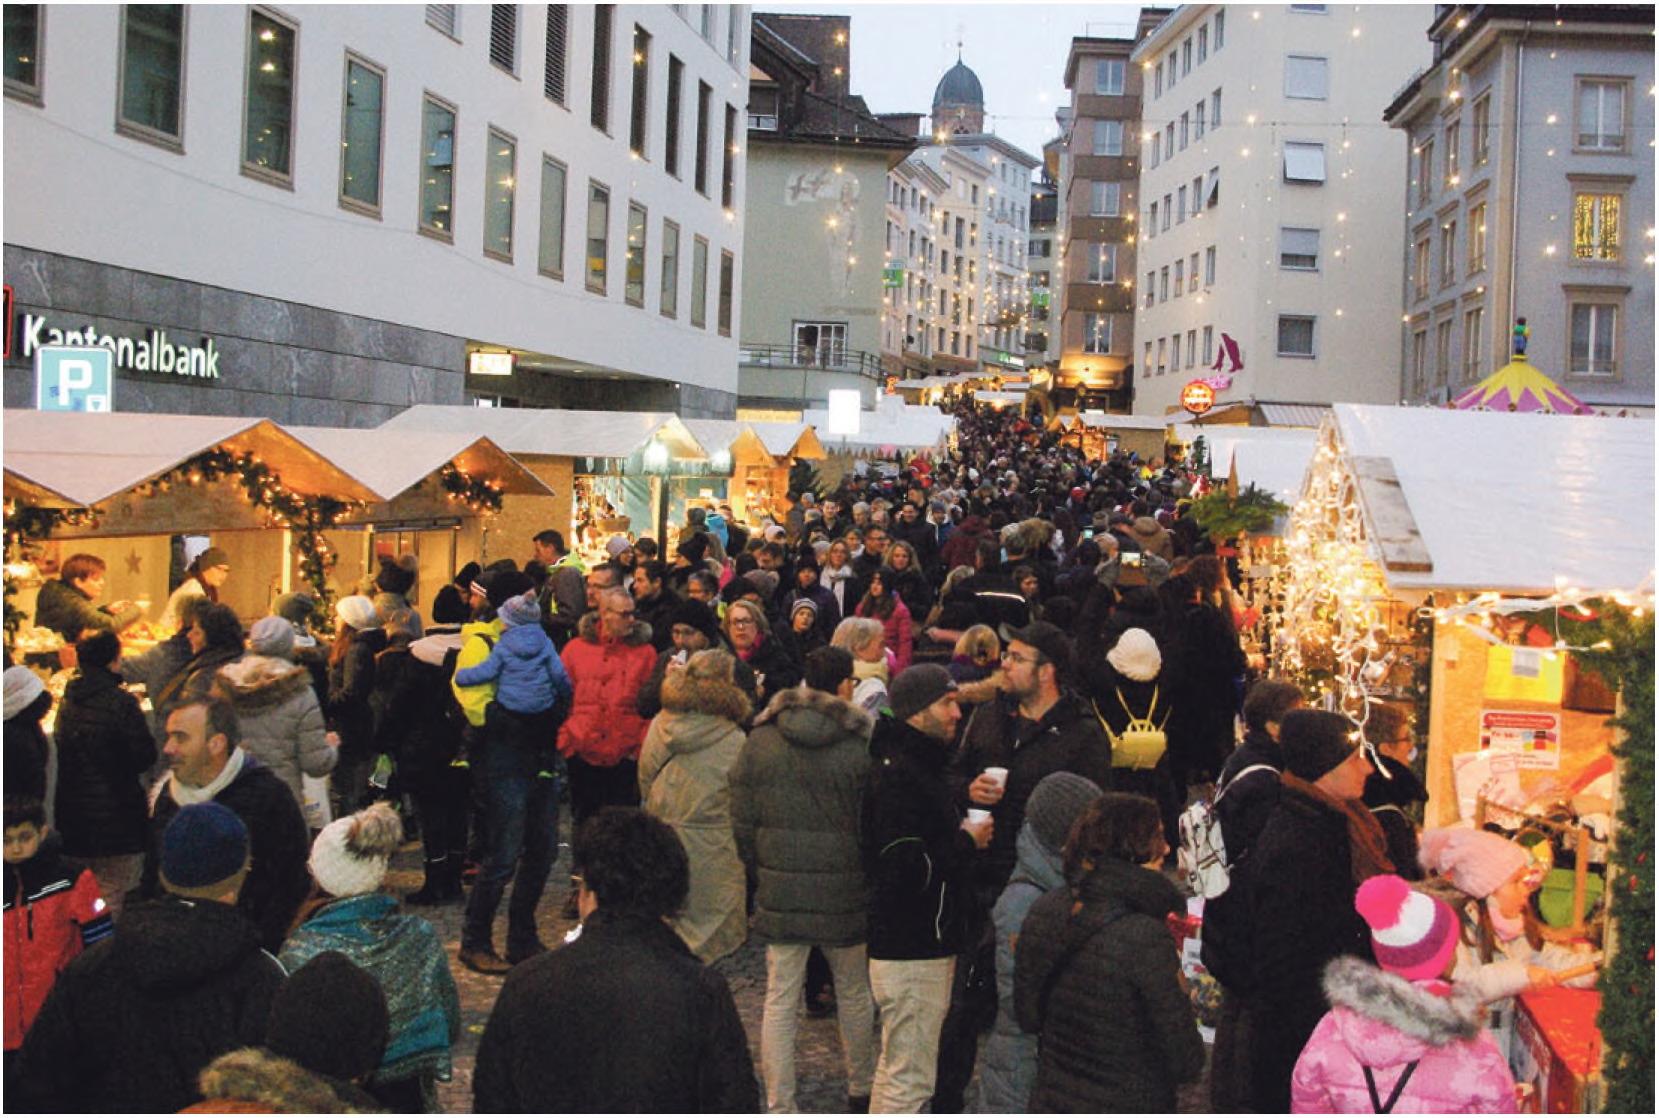 Weihnachtsmarkt lockte rund 80'000 Besucher an